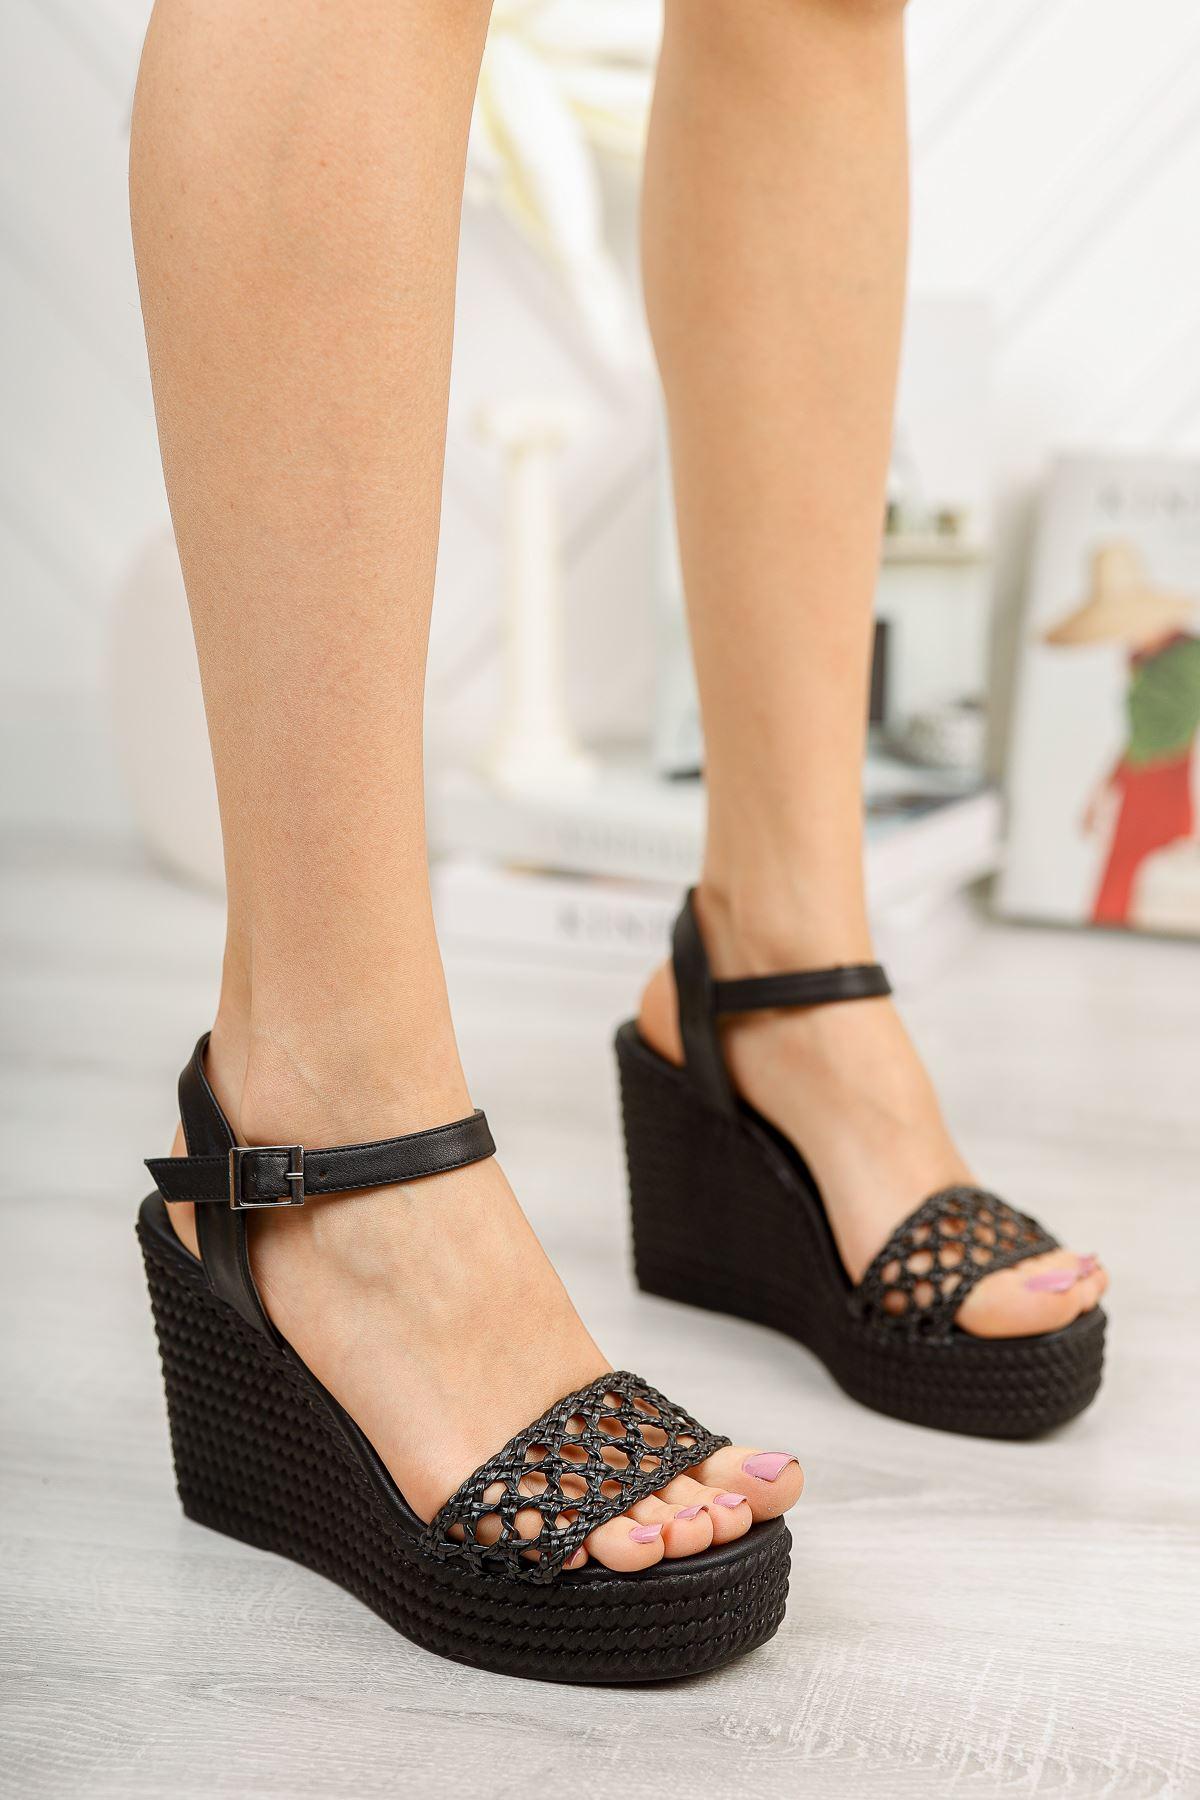 Siyah Örgü Yüksek Dolgu Topuklu Ayakkabı